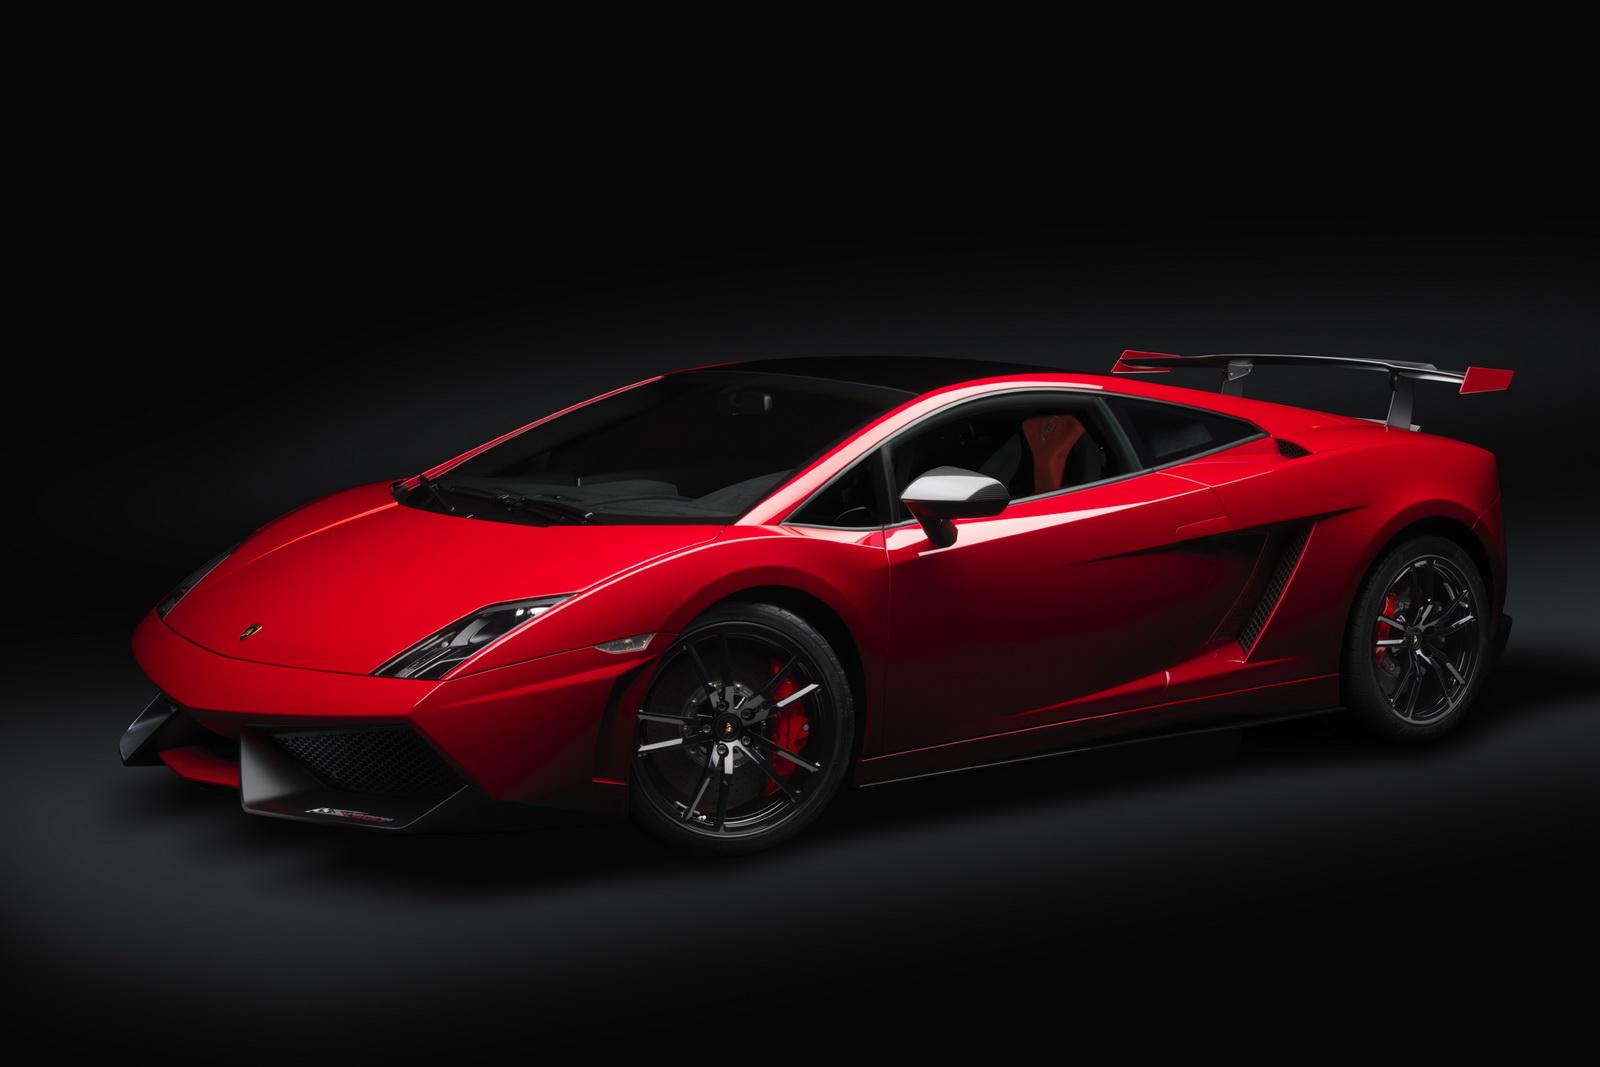 Car Wallpapers Hd Lamborghini